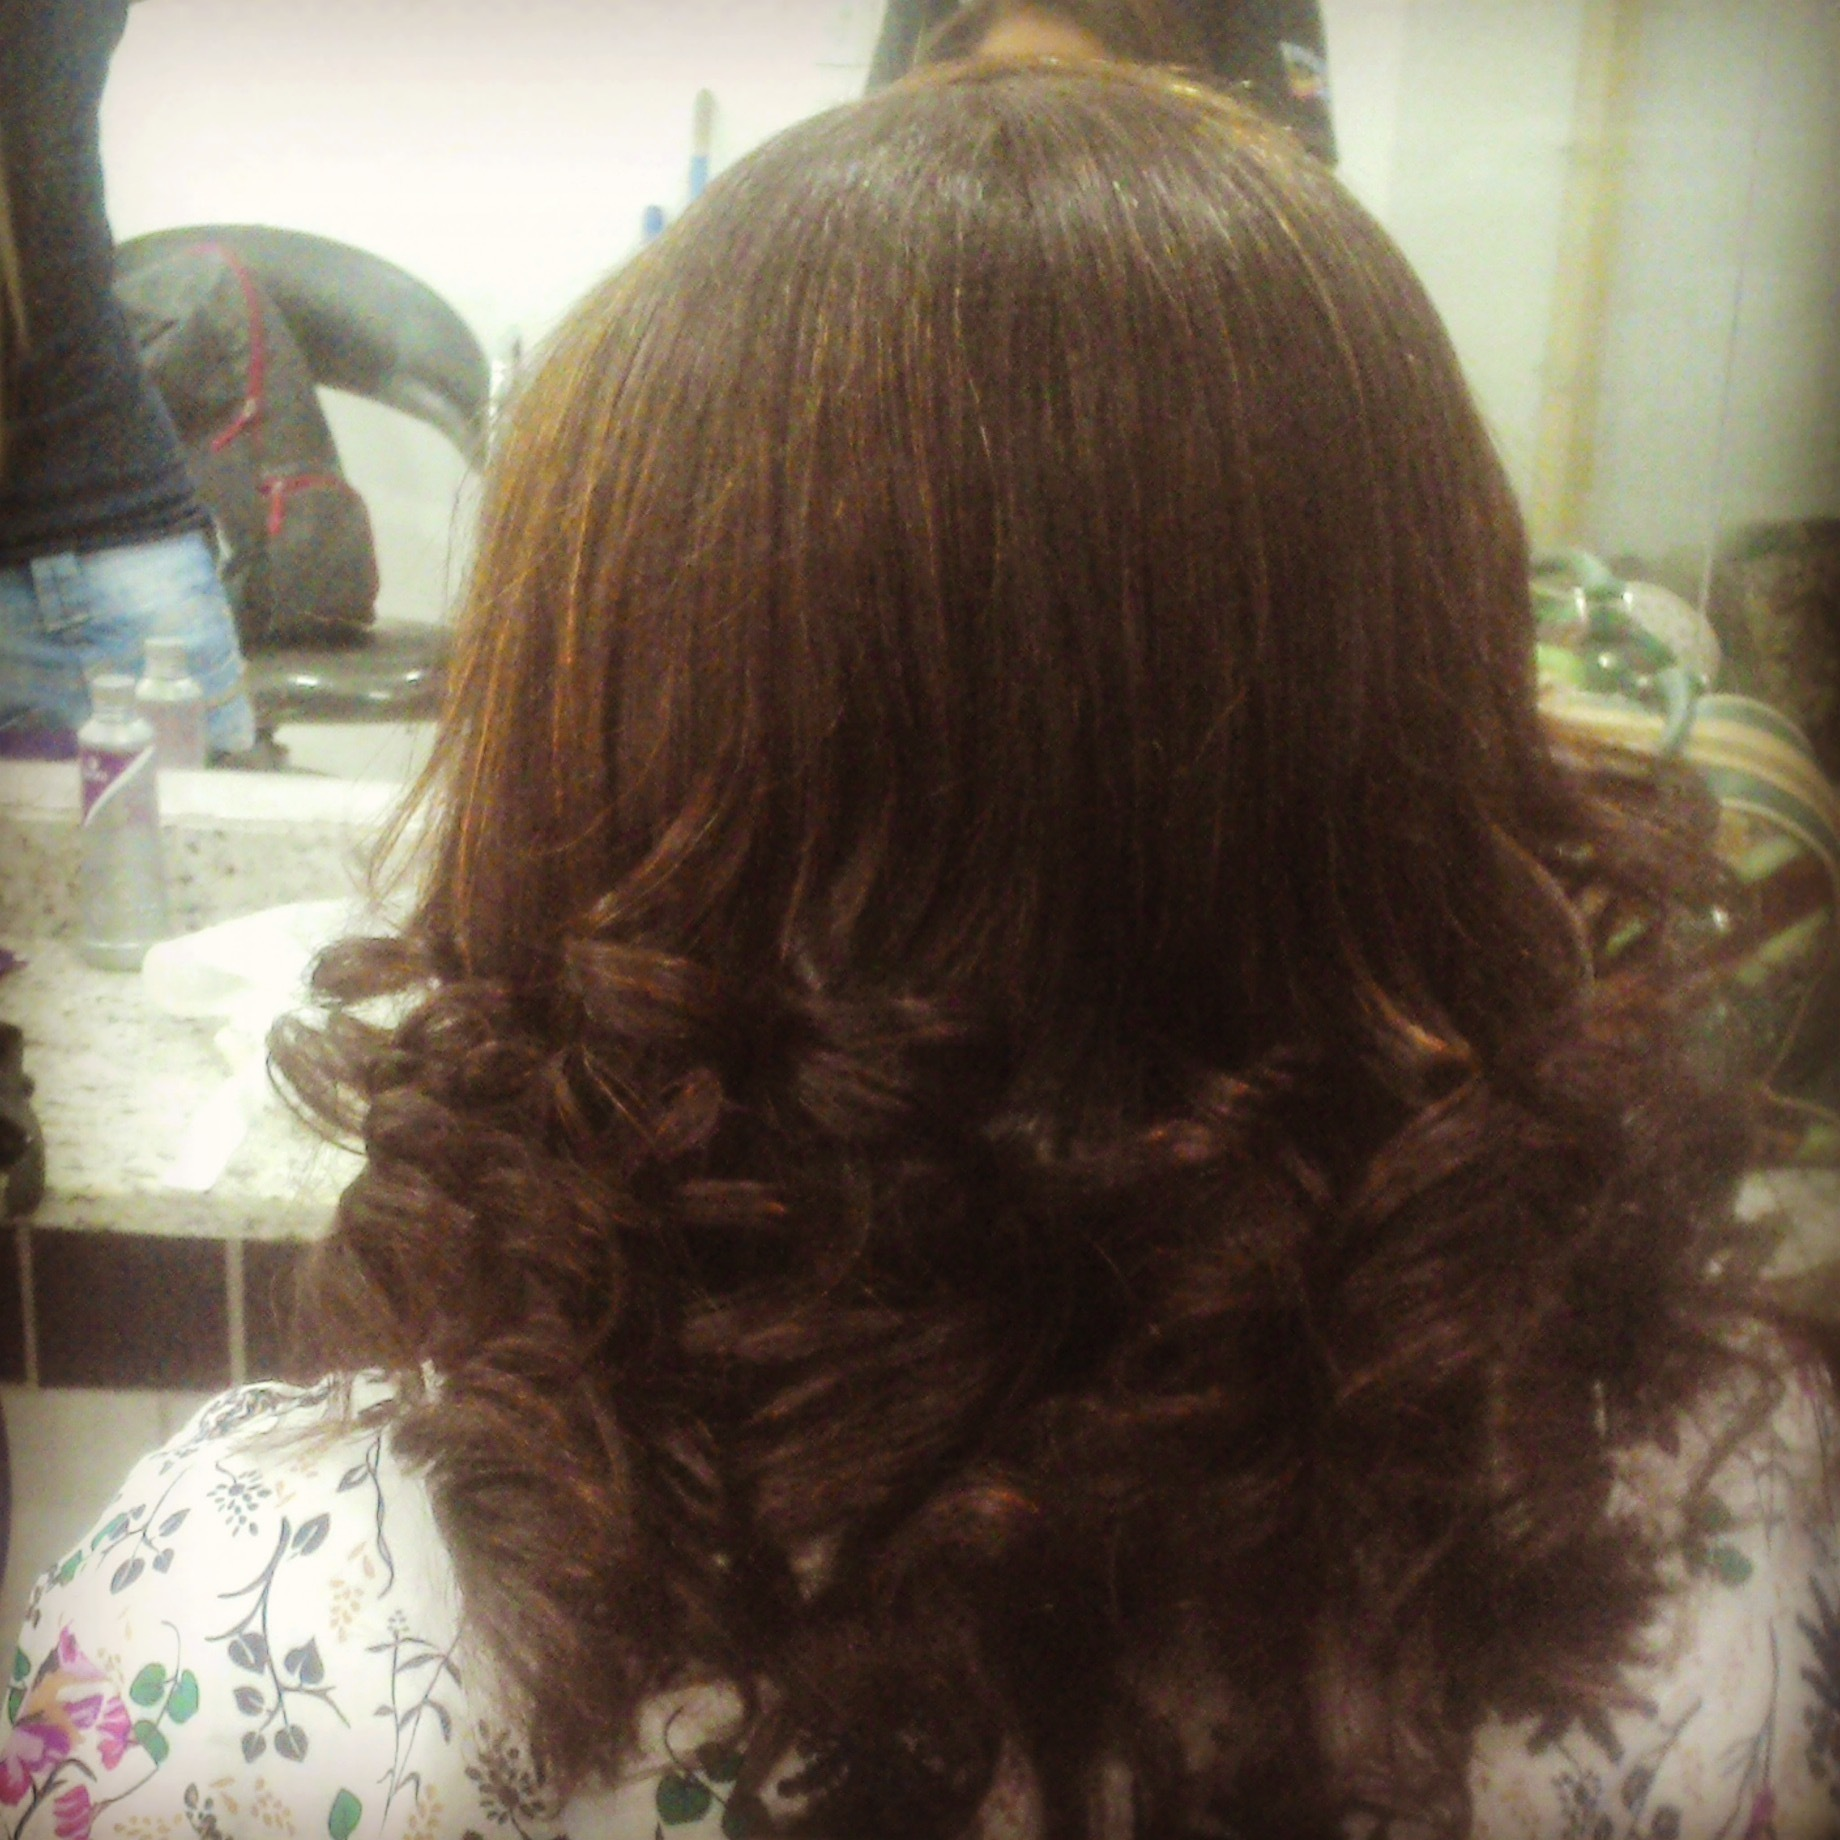 Corte hidratação e escova  cabelo auxiliar cabeleireiro(a) cabeleireiro(a)